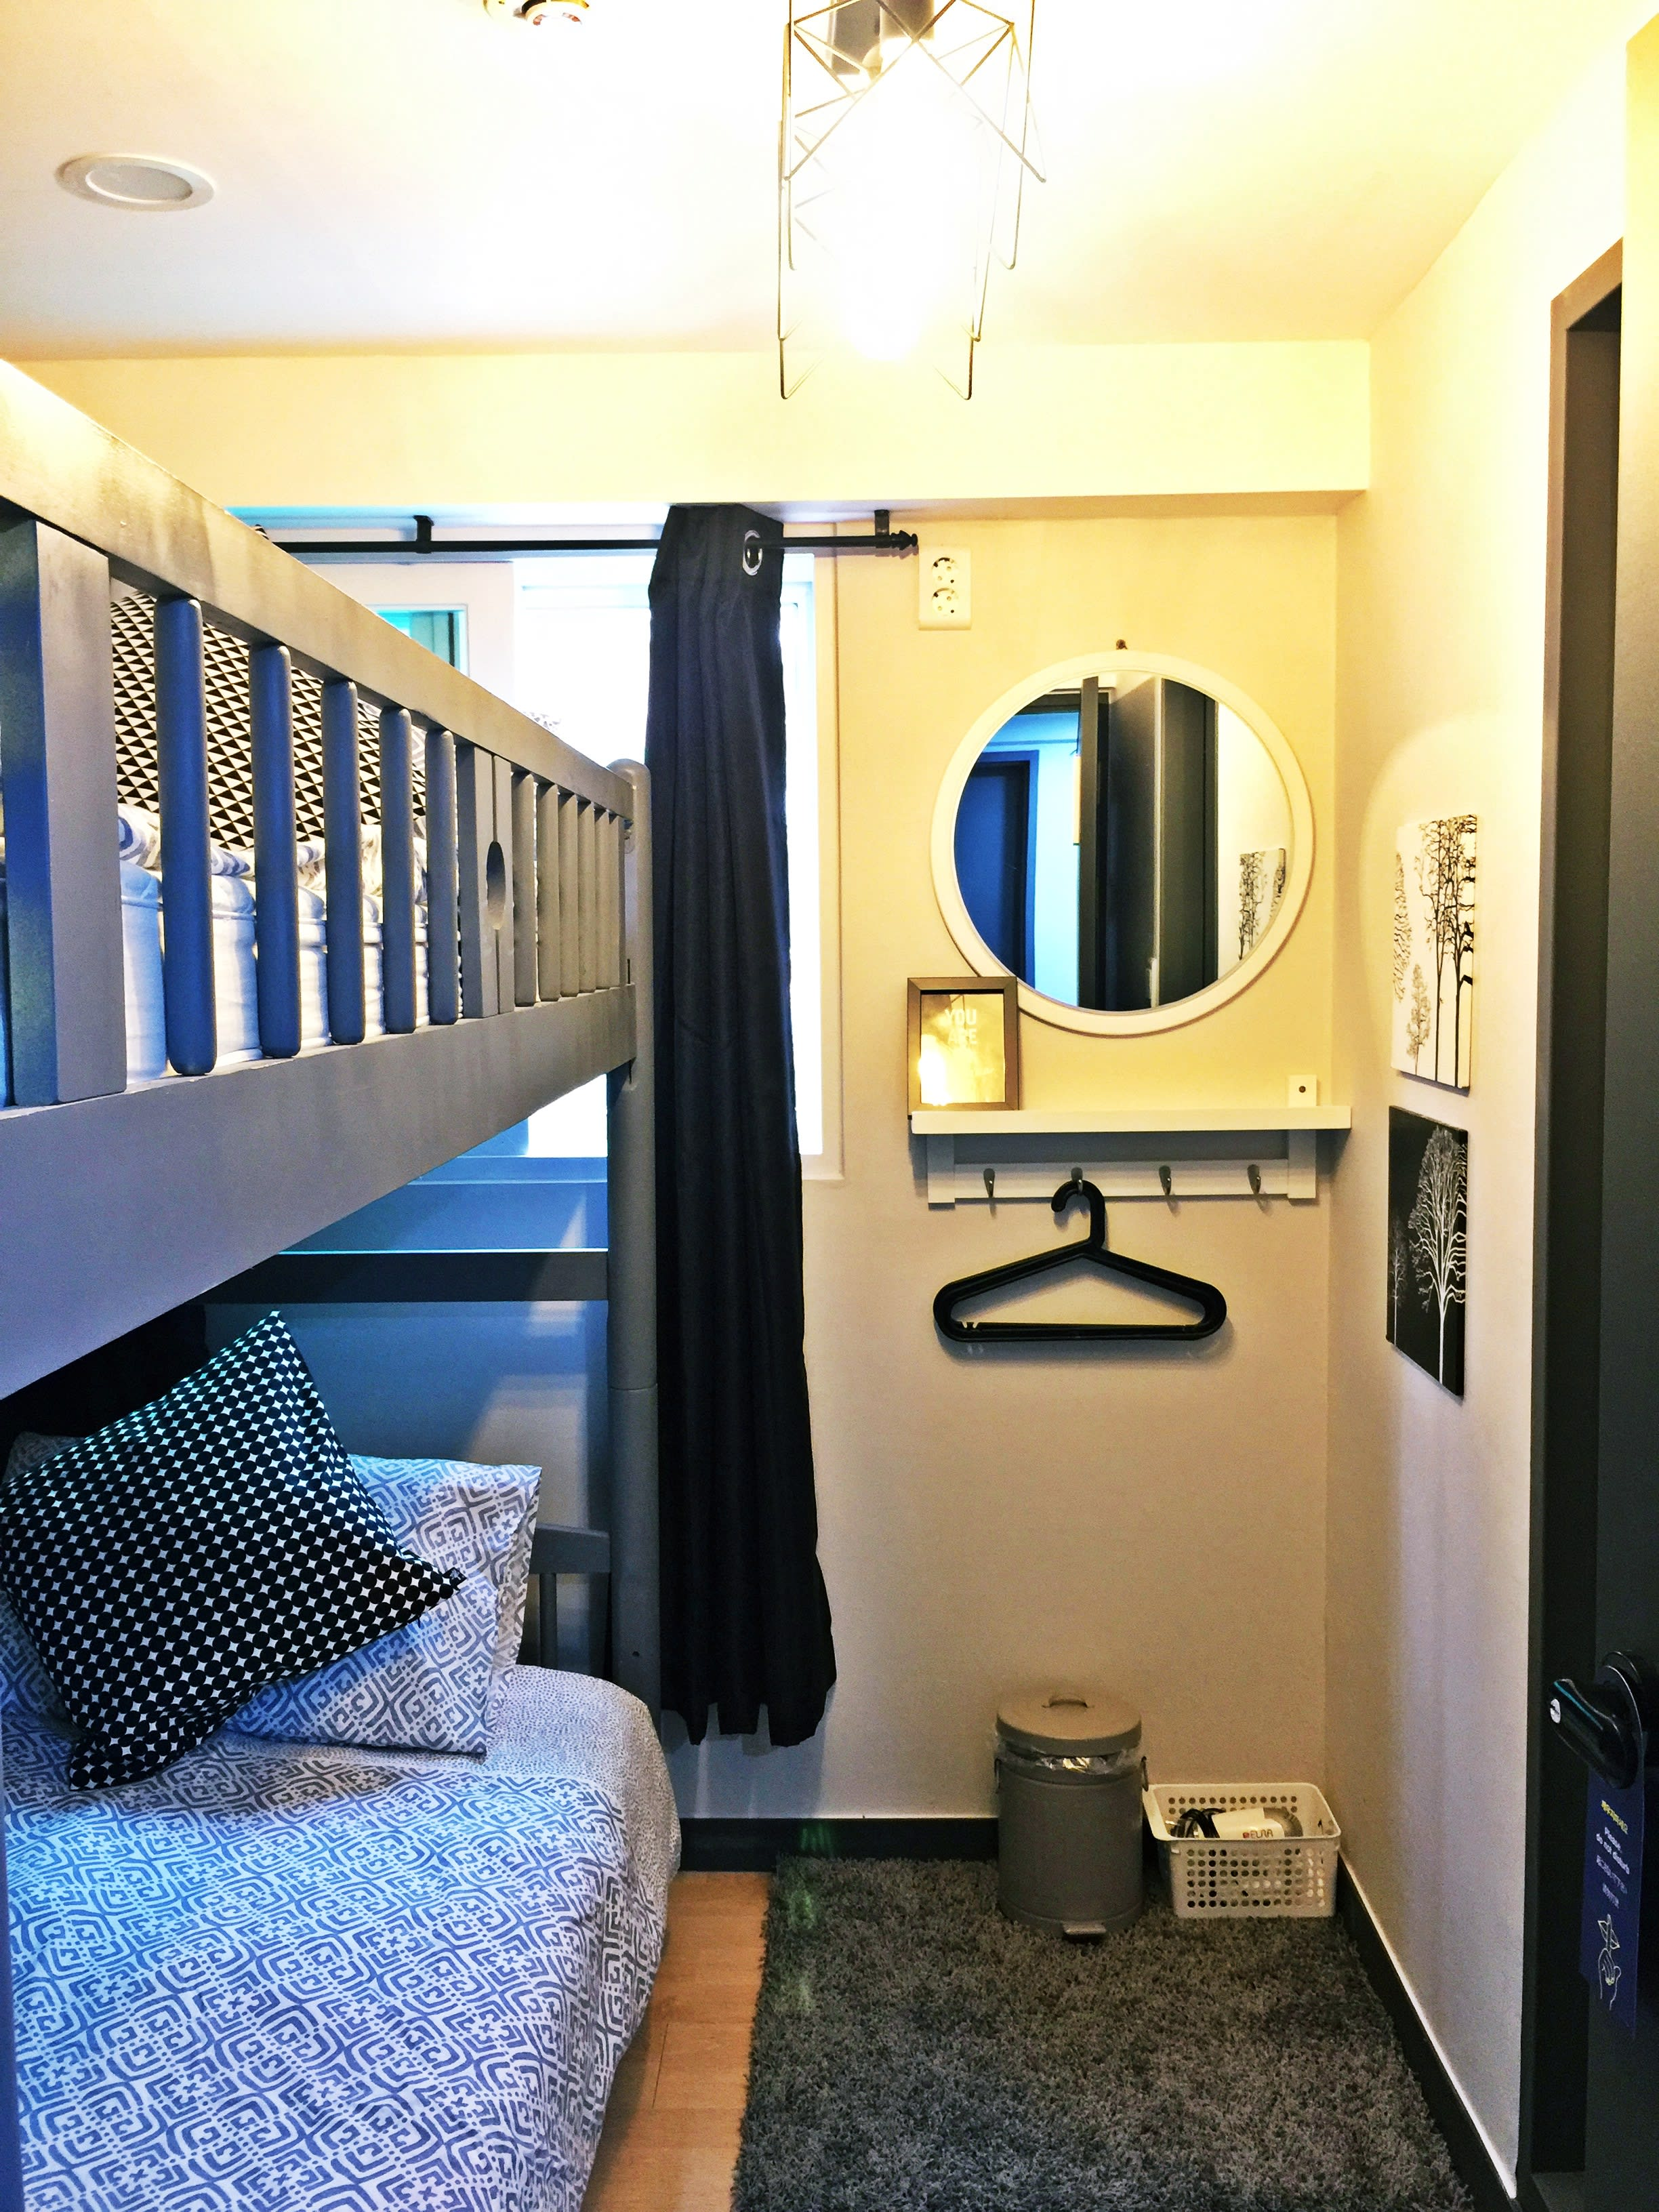 HOSTEL - Whitetail Backpacker & Hostel